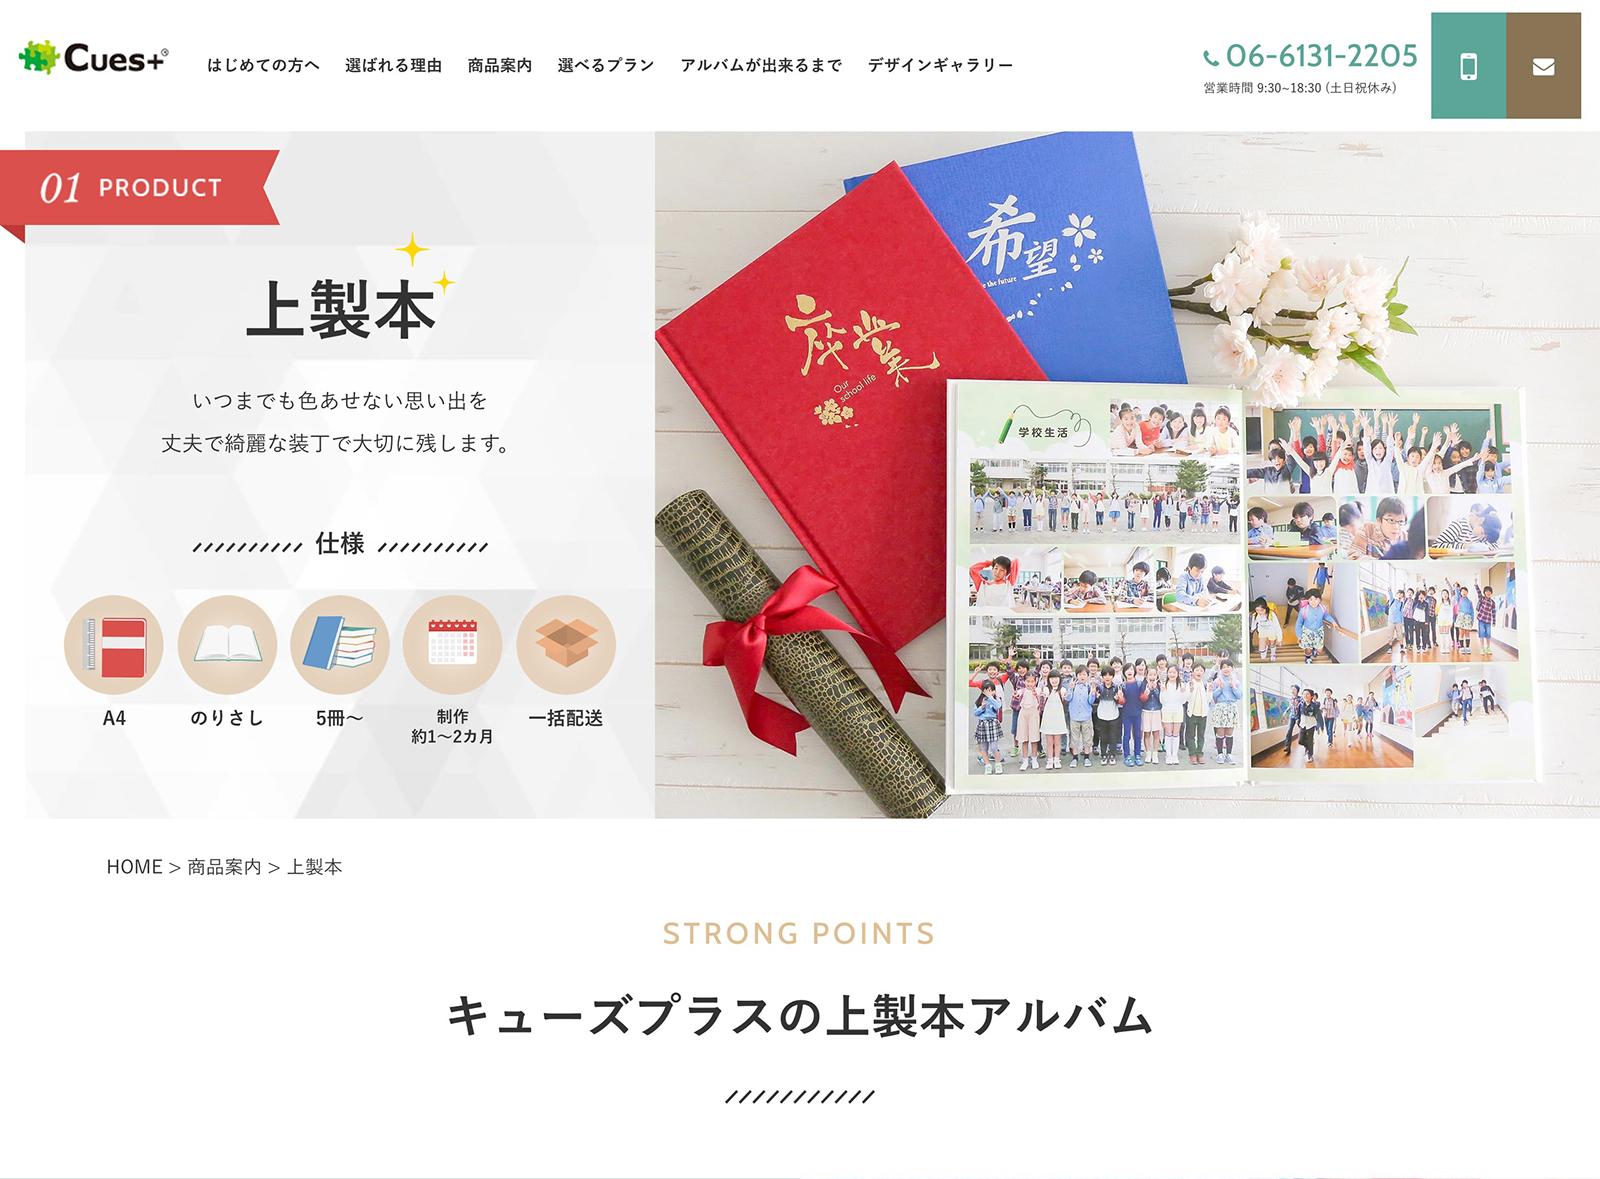 キューズプラスWeb サイトデザイン「上製本」ページ